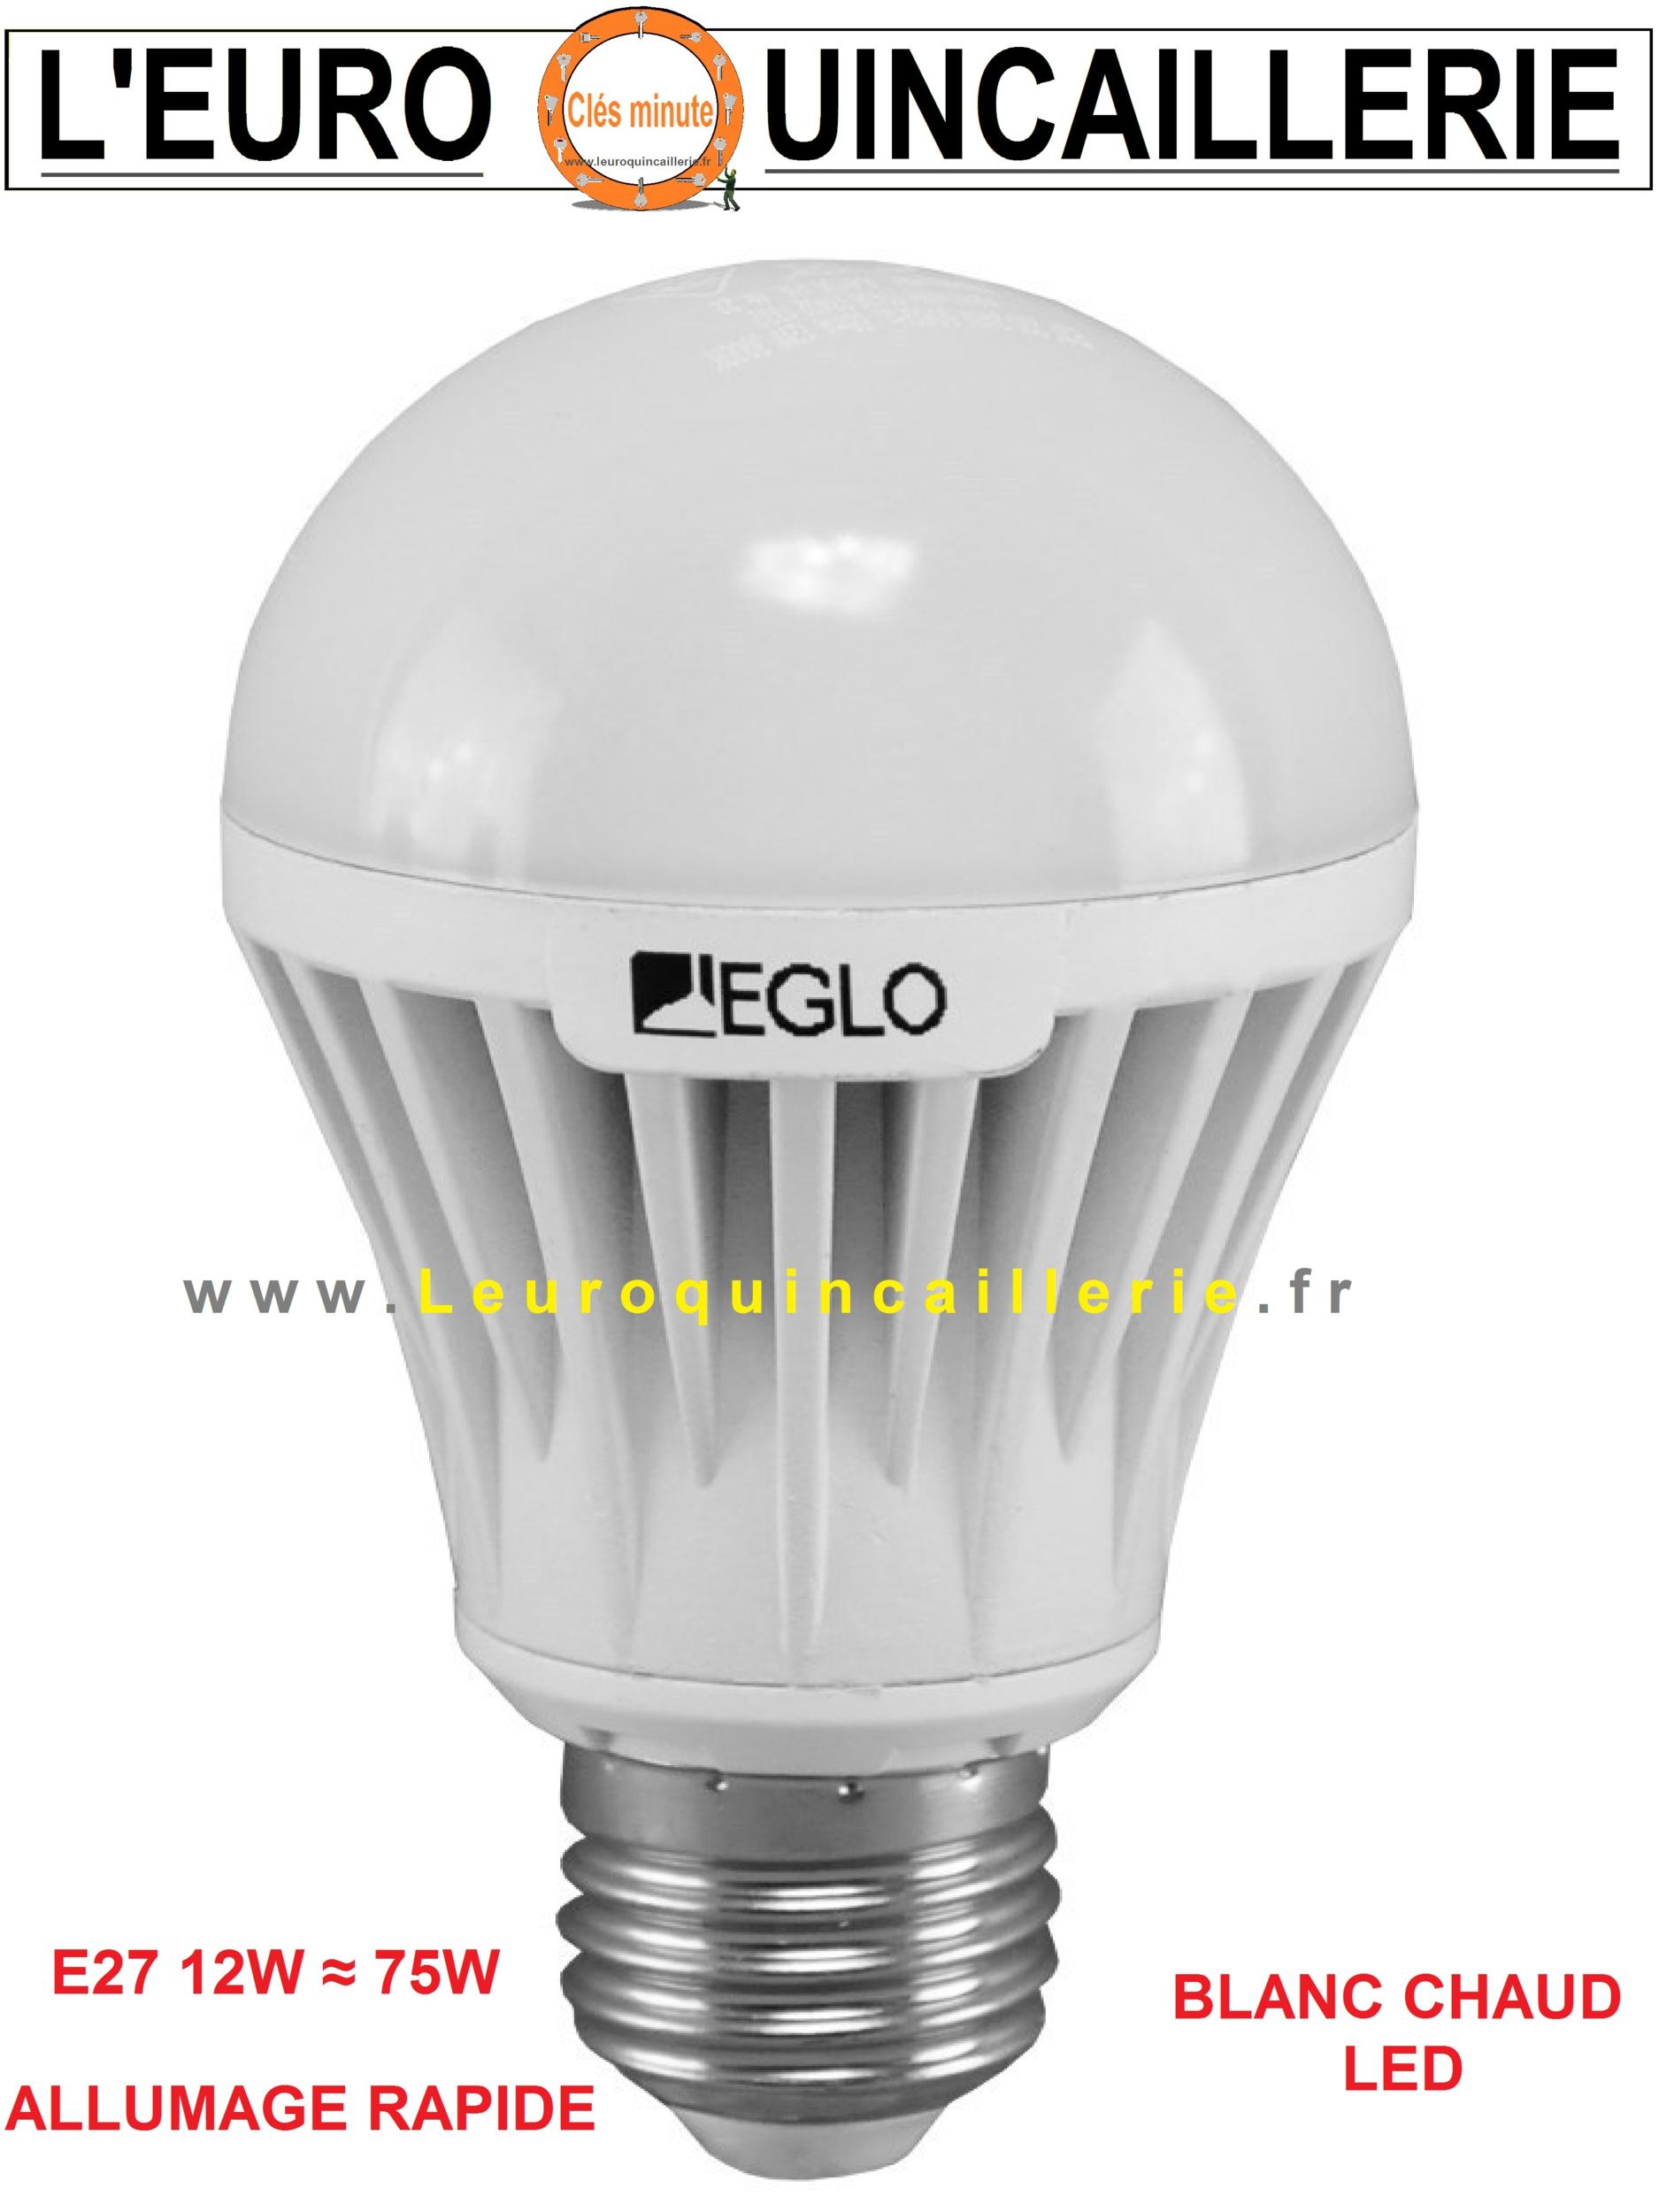 Ampoule à LED standard E27 12W ≈ 75w blanc chaud